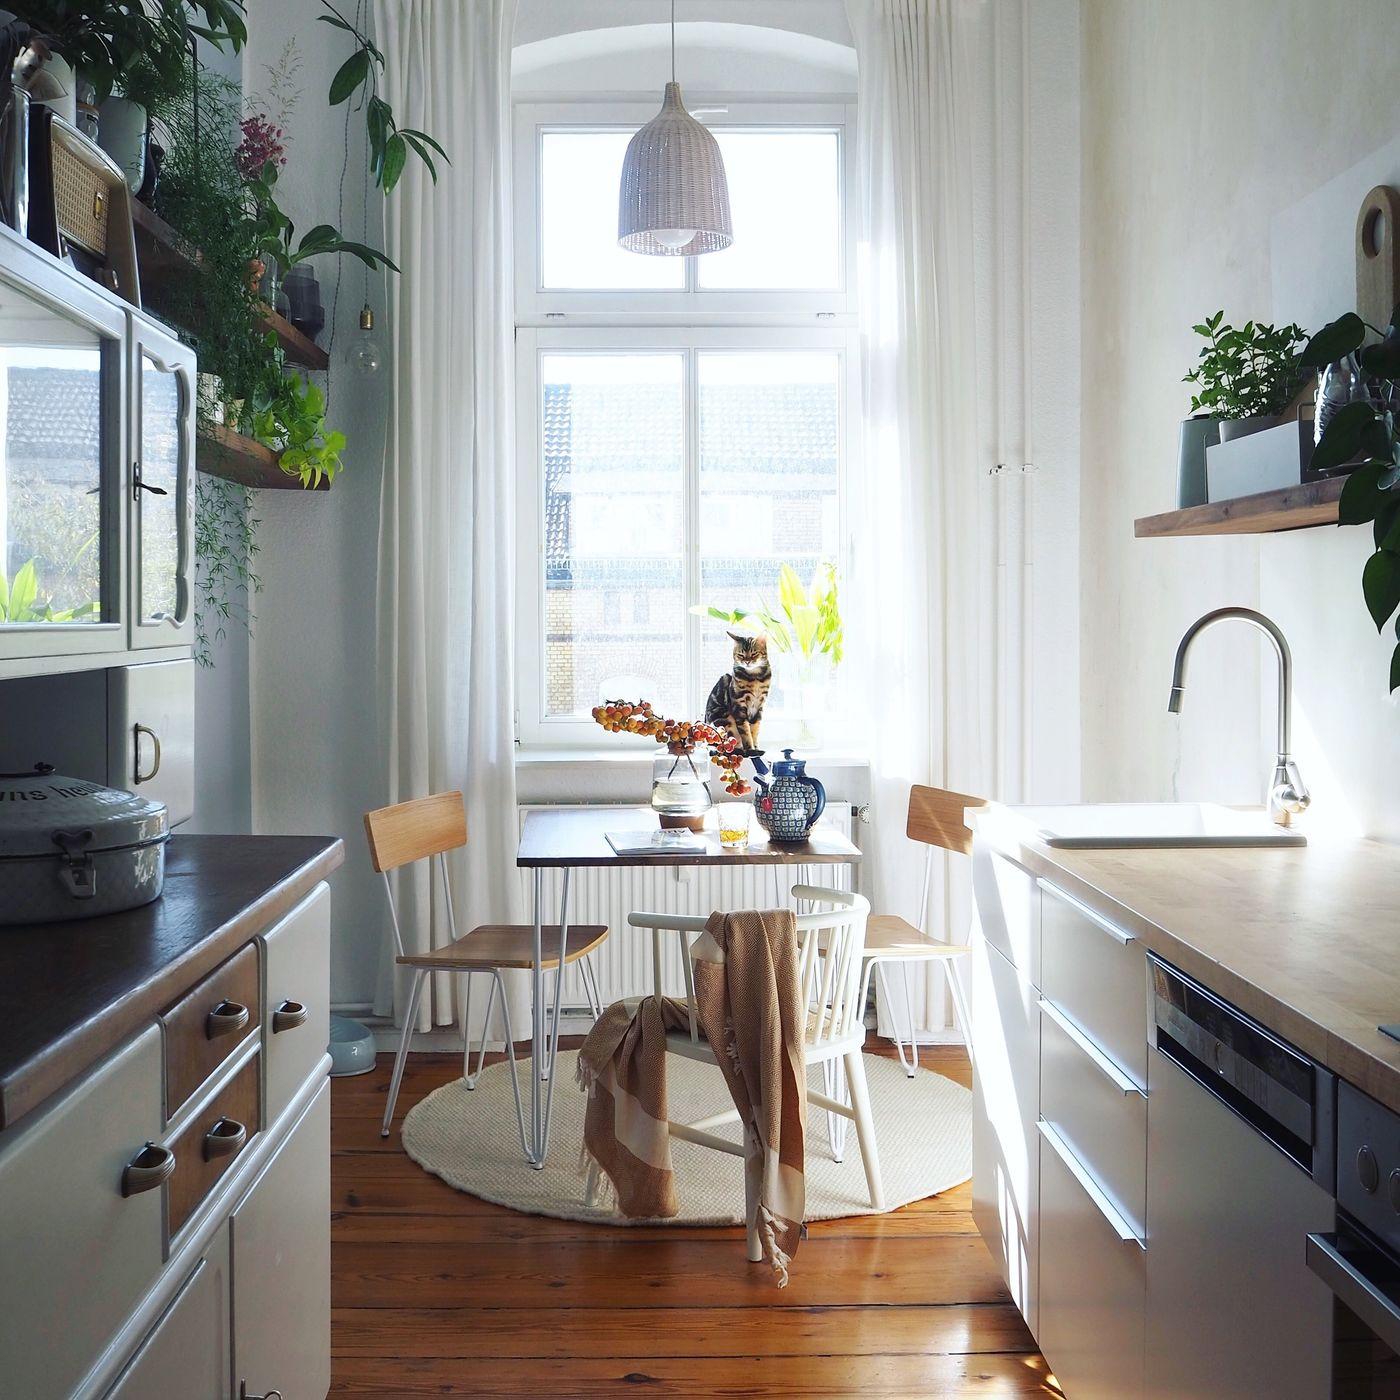 Full Size of Kleine Einbauküche Kosten Kleine Einbauküche Ohne Geräte Kleine Einbauküche Ebay Kleinanzeigen Kleine Einbauküche über Eck Küche Kleine Einbauküche